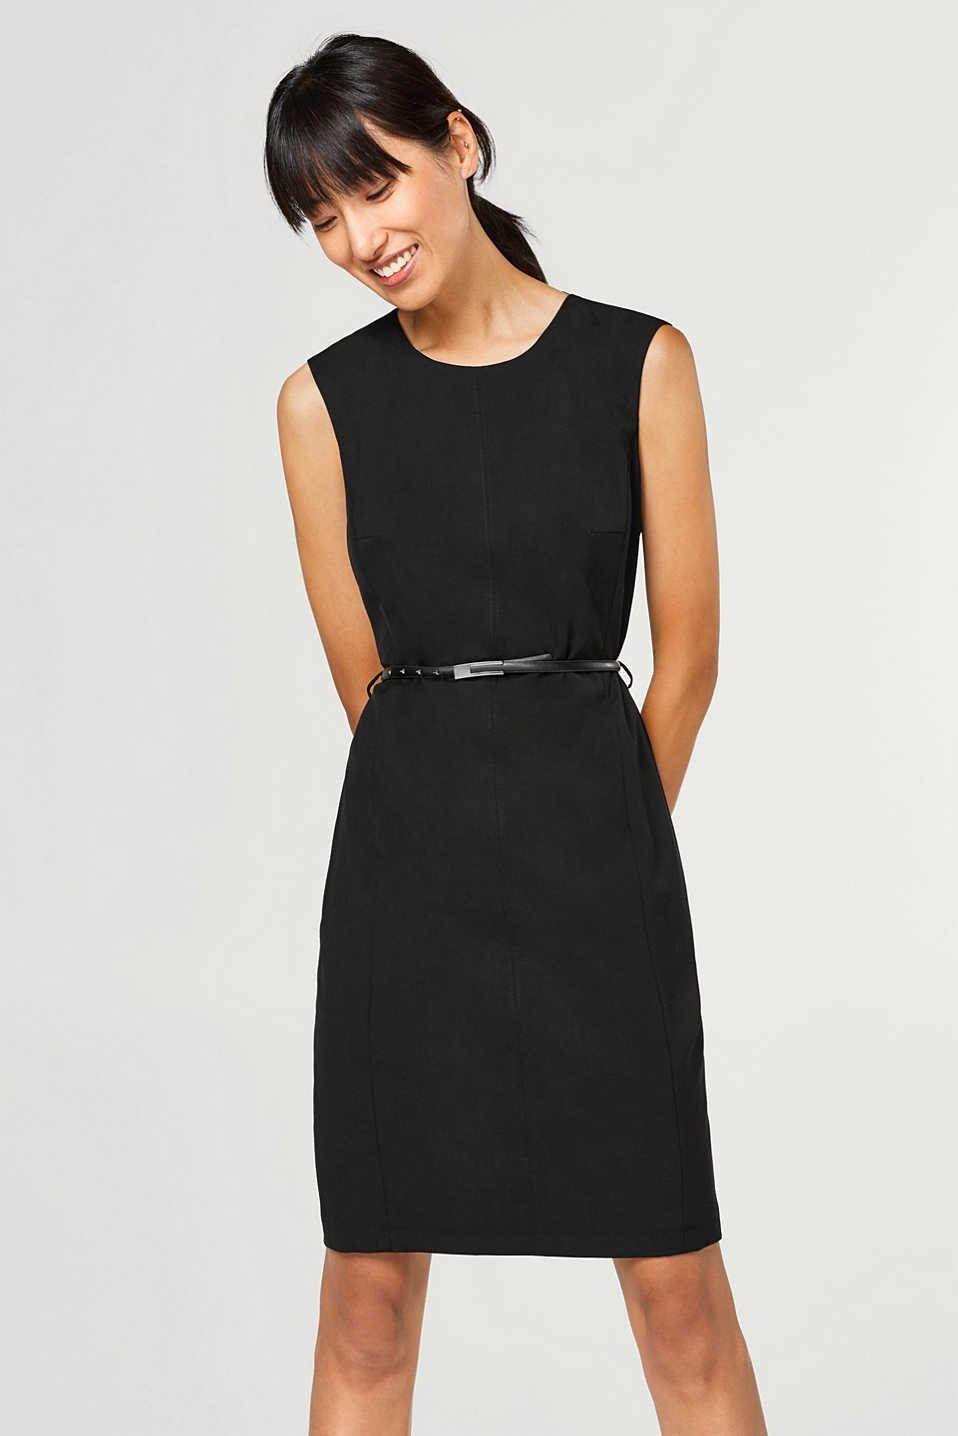 Esprit  Tailliertes Stretchkleid Mit Gürtel  Dresses